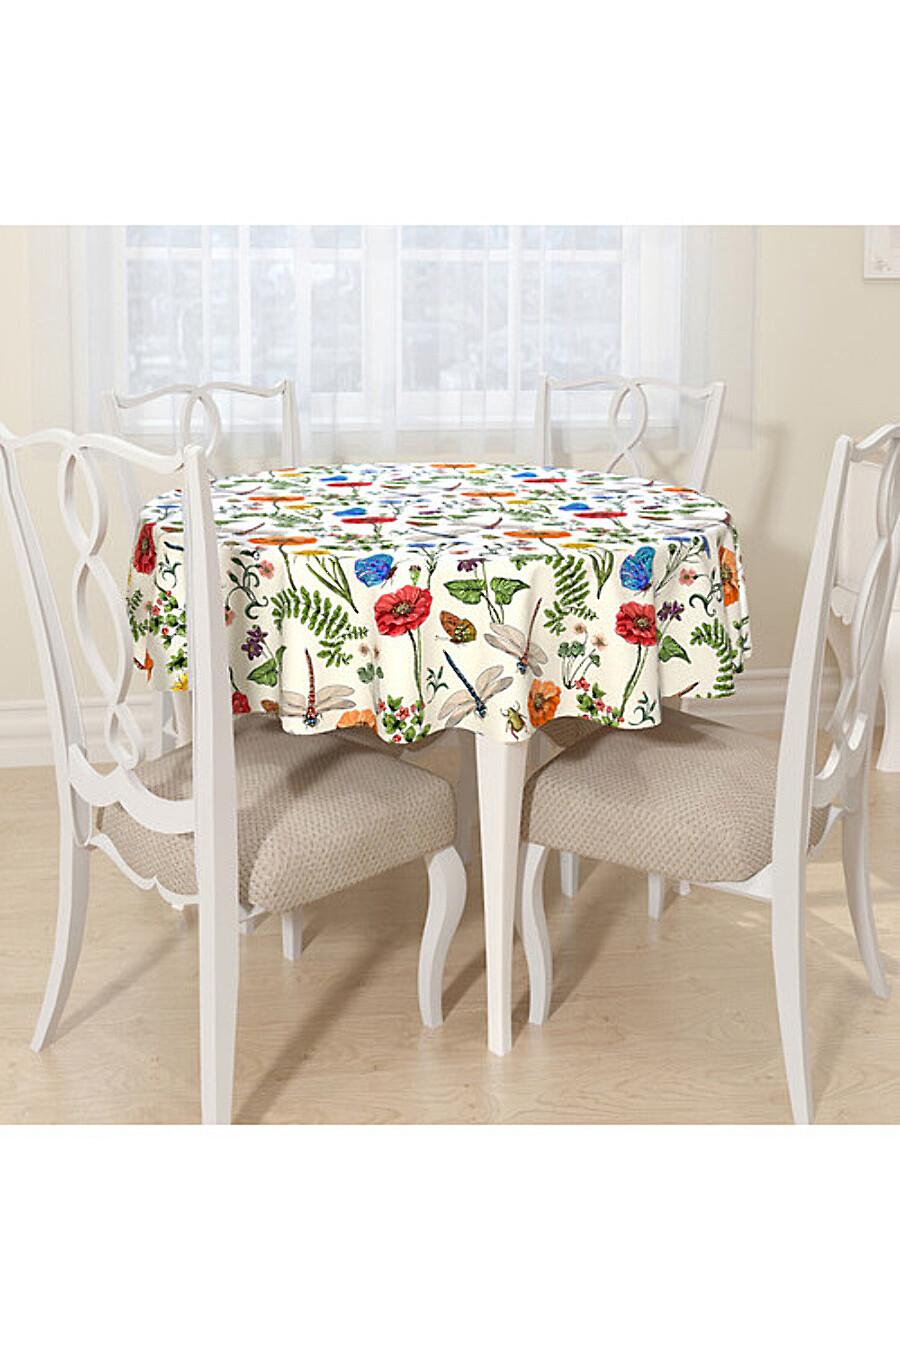 Скатерть для дома ART HOME TEXTILE 180231 купить оптом от производителя. Совместная покупка товаров для дома в OptMoyo